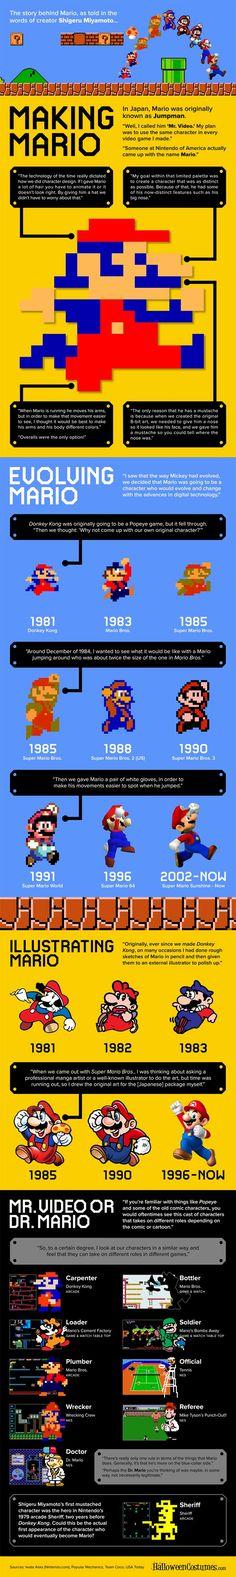 Infographie de l'évolution de Mario - http://www.blog-astuces.com/infographie-de-levolution-de-mario/